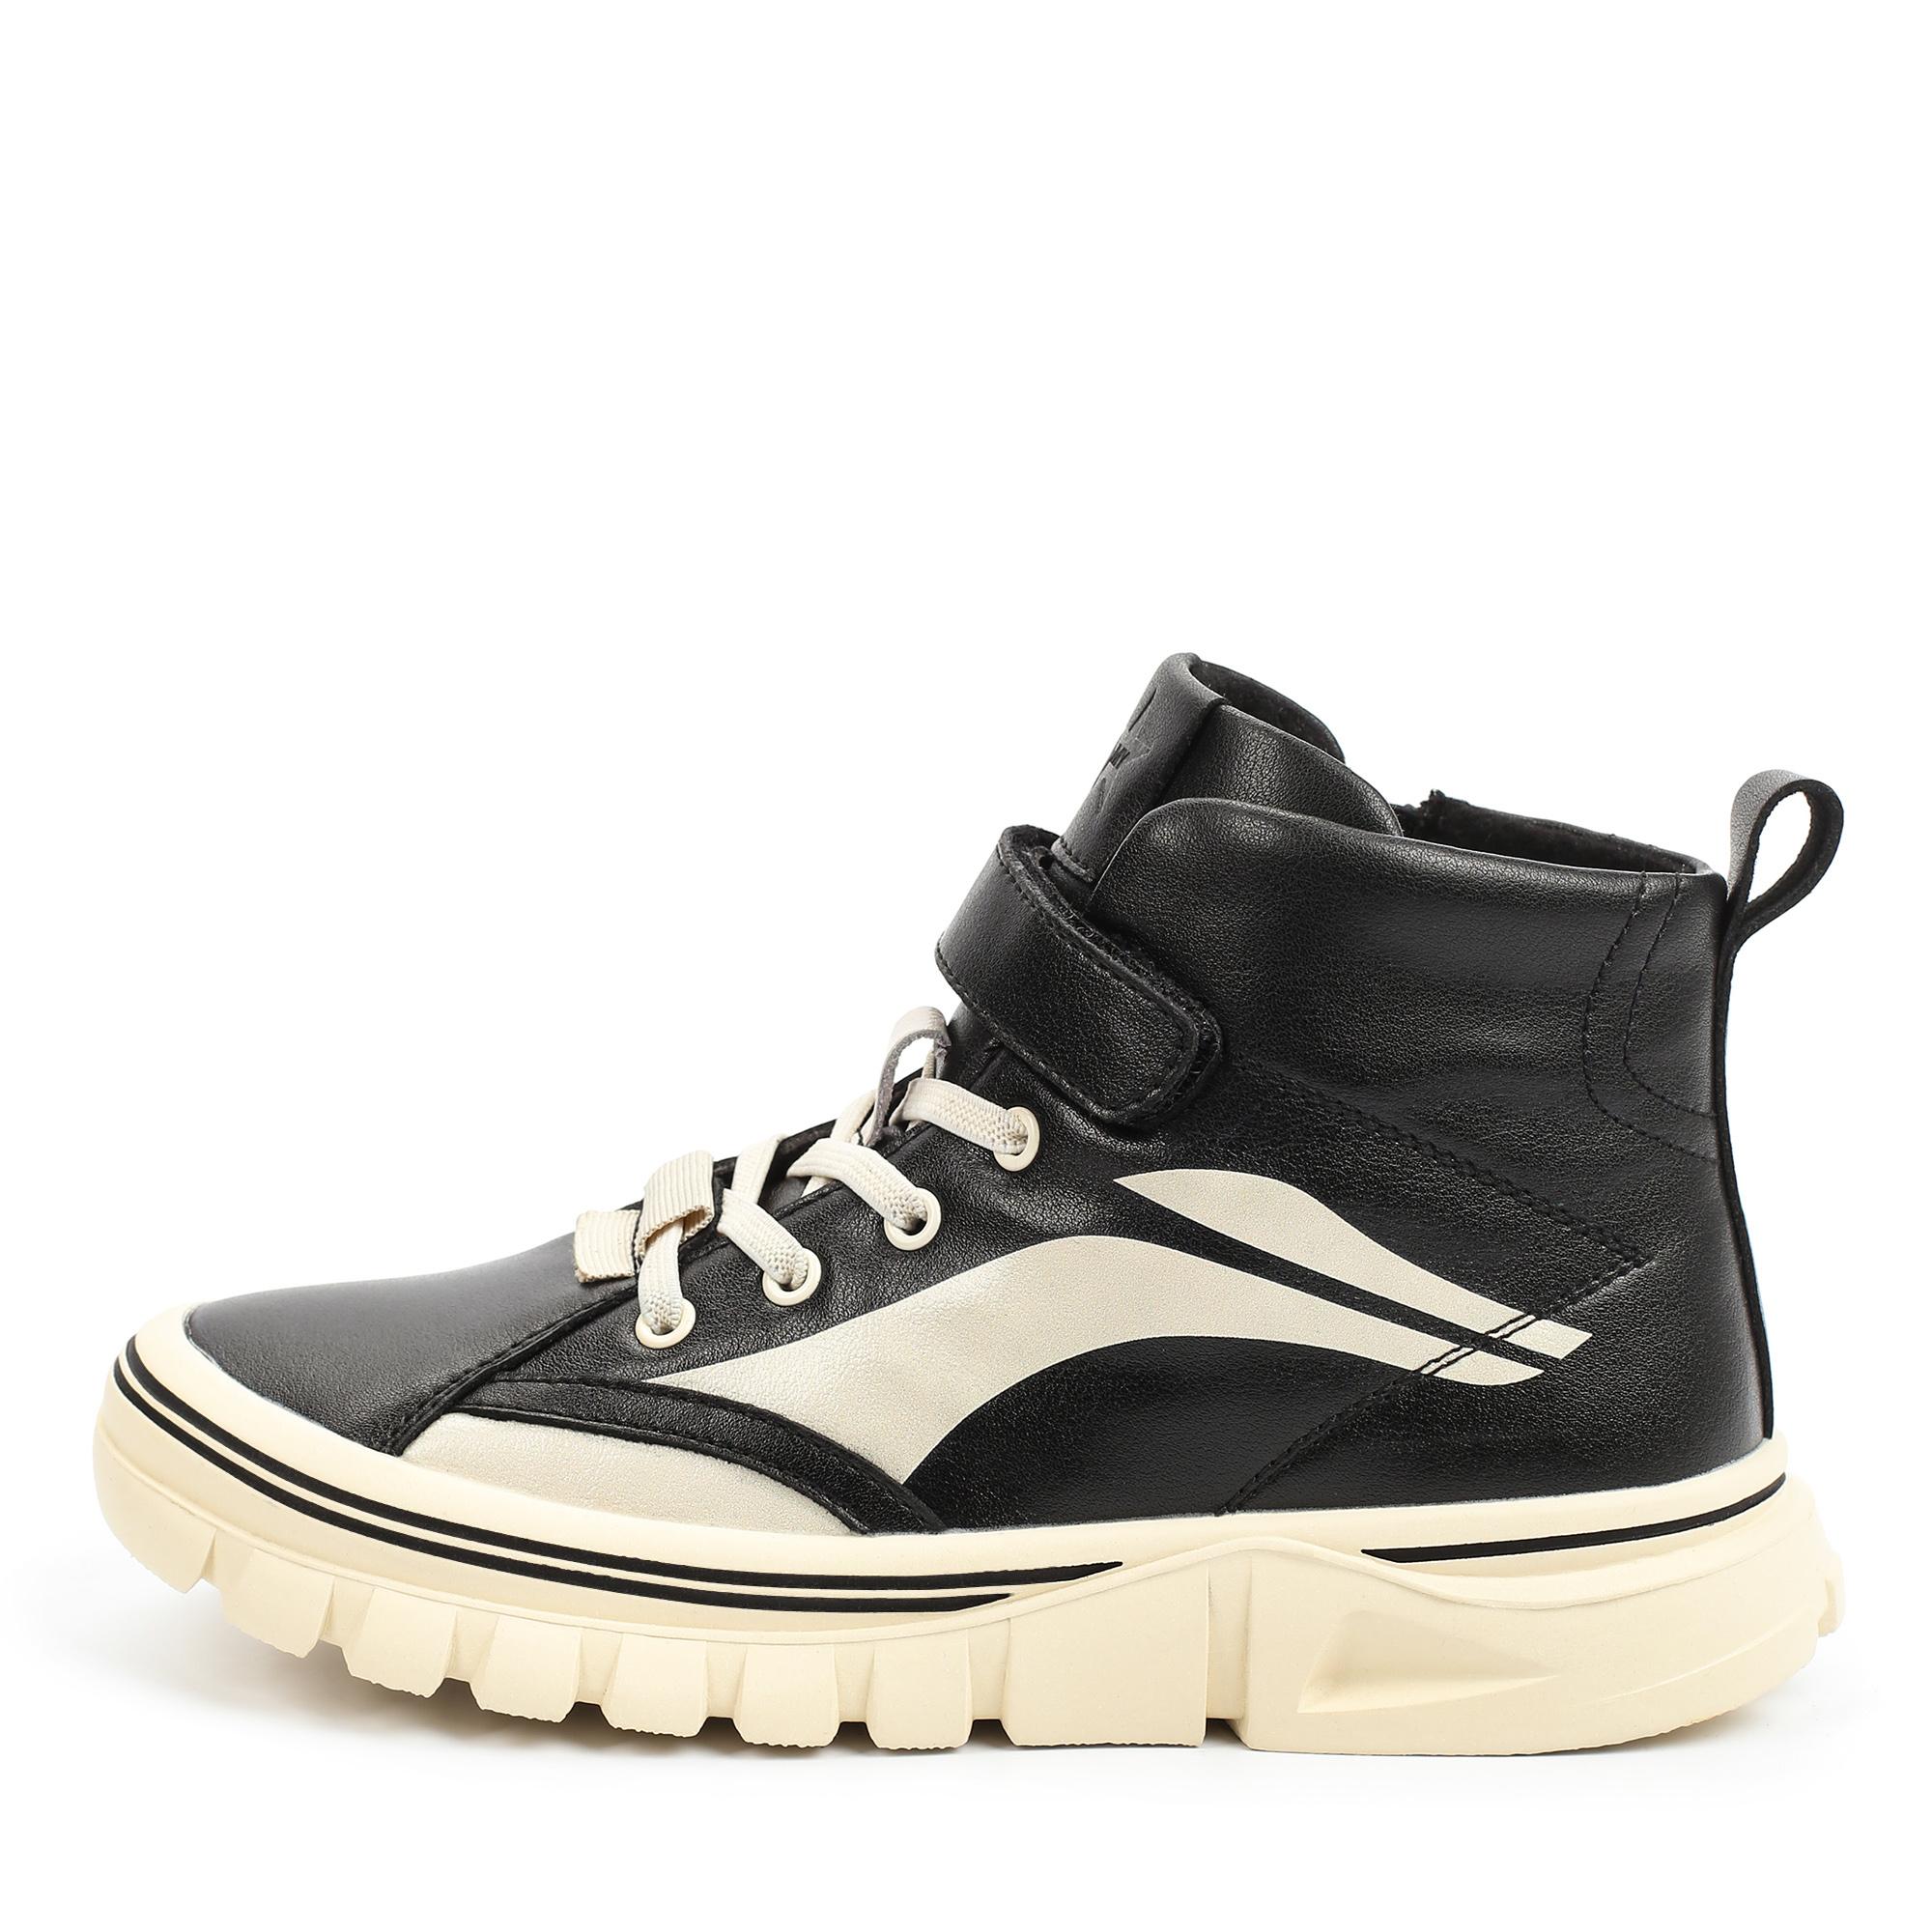 Обувь для мальчиков MUNZ YOUNG 098-680A-74602